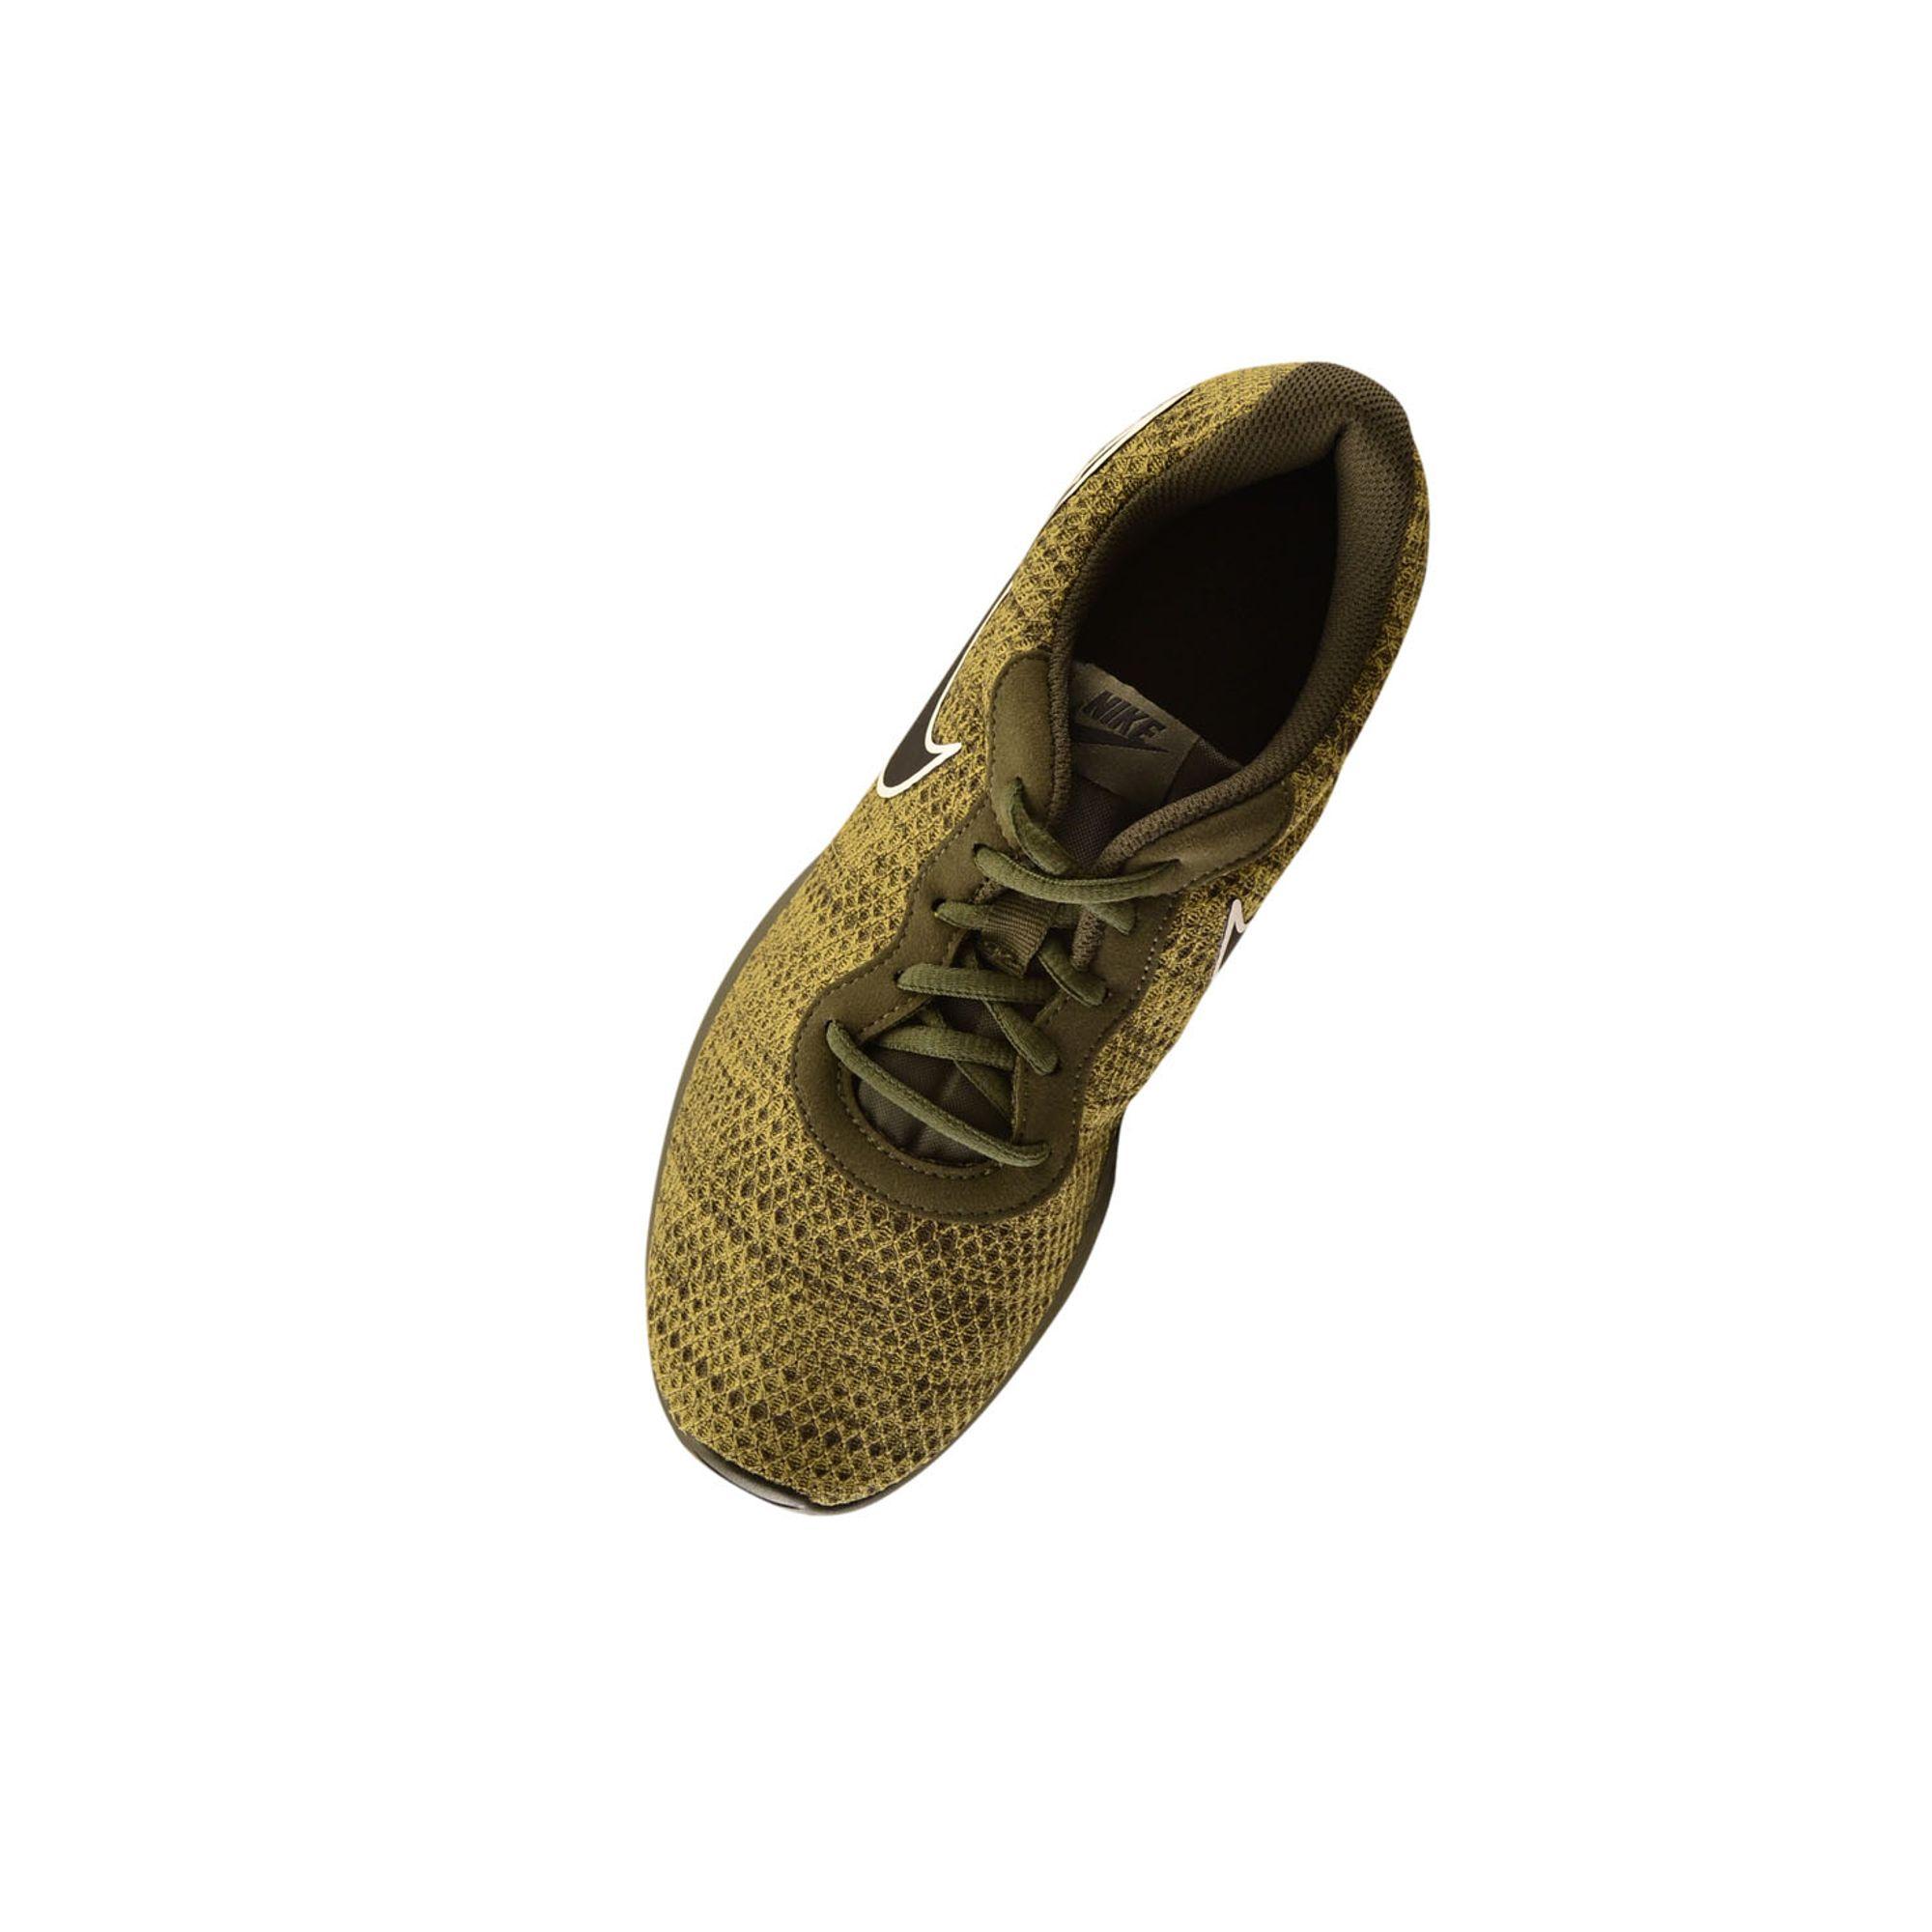 83f4d23c251 zapatillas-nike-tanjun-prem-876899- ...